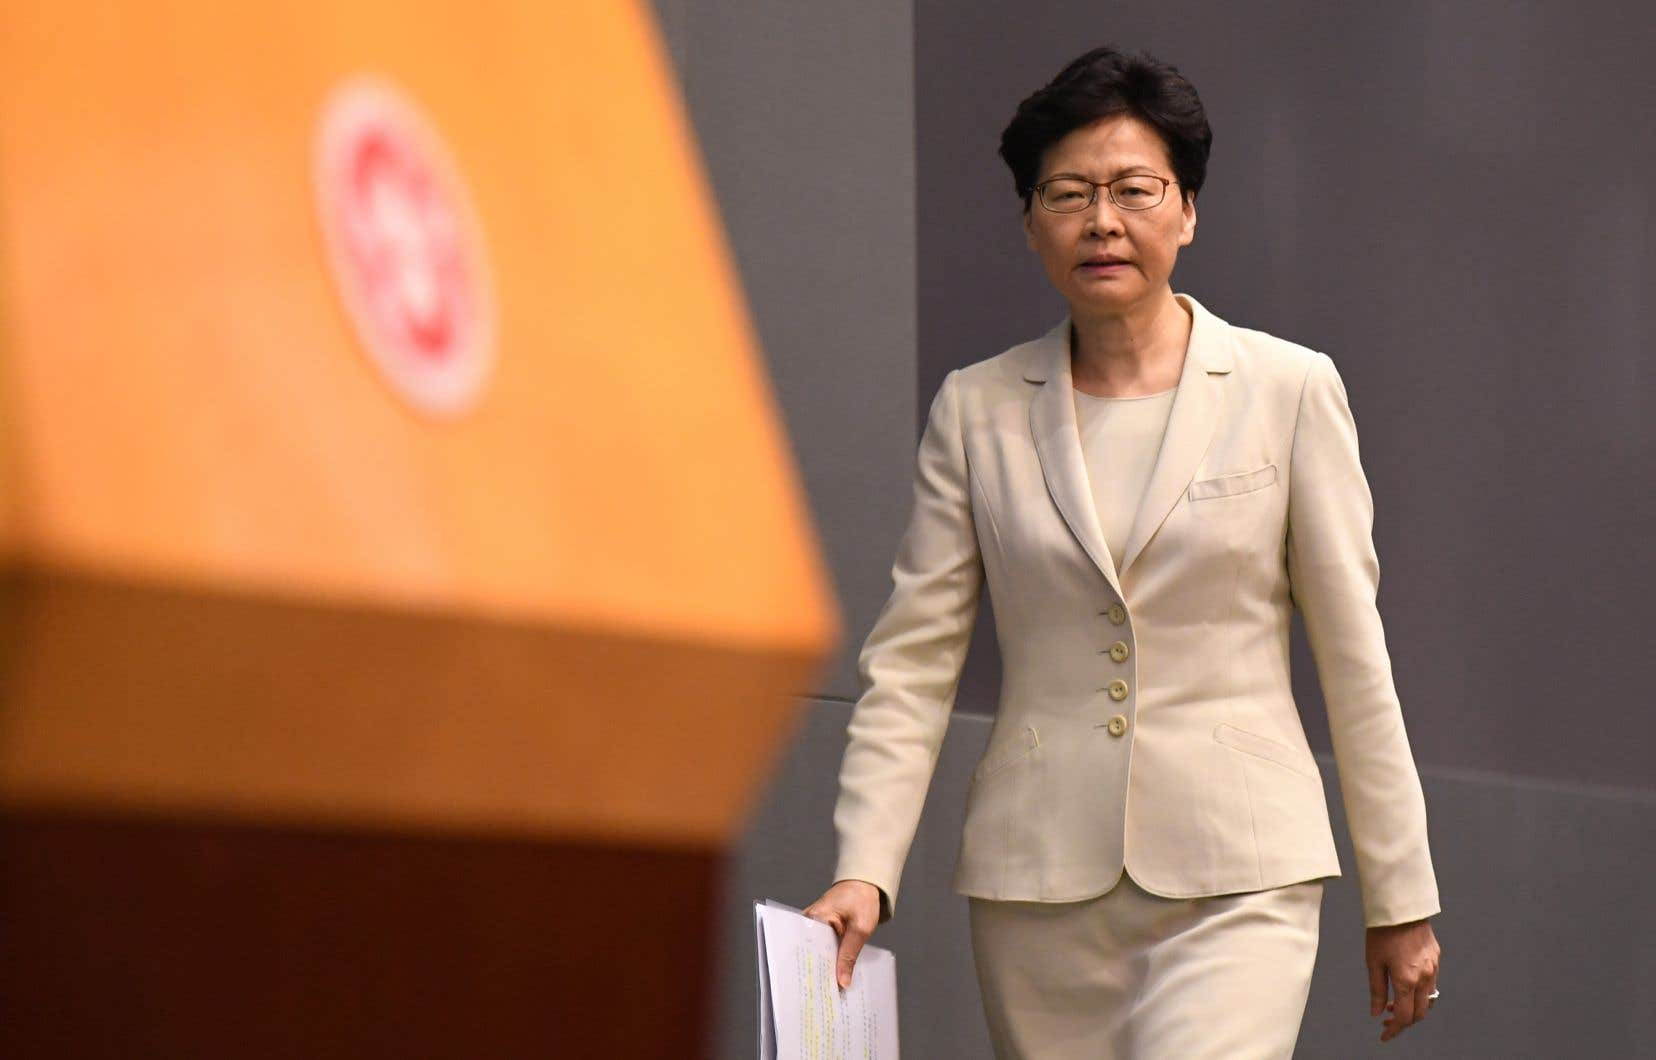 CarrieLam, à laquelle Pékin a réaffirmé lundi son soutien, a affirmé vouloir «continuer à travailler très dur […] pour répondre aux aspirations de la population de Hong Kong».